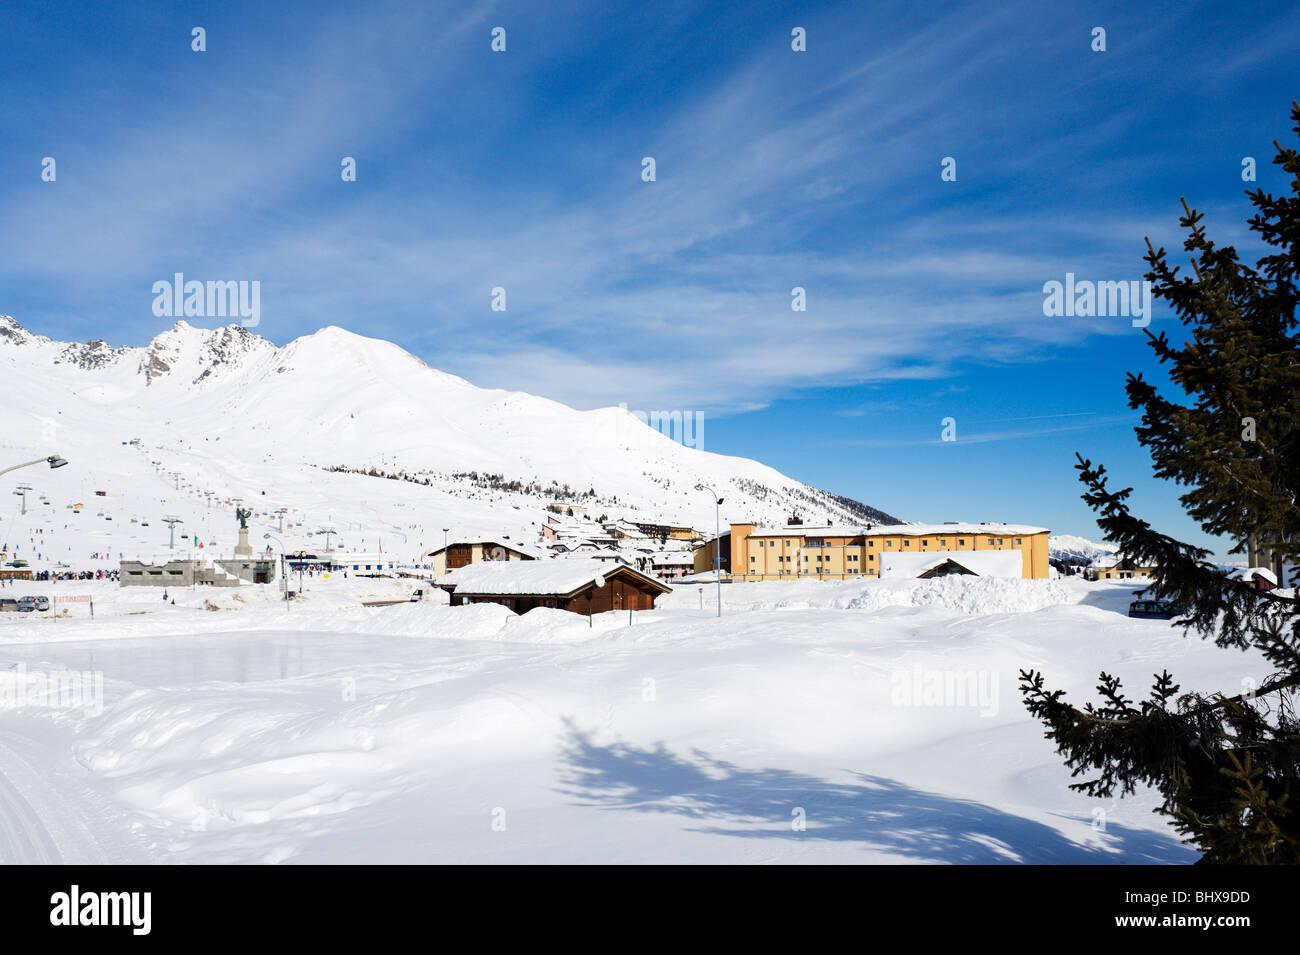 Vista sulla pista di pattinaggio su ghiaccio verso il centro del resort, Passo Tonale, Trentino, Italia Foto Stock